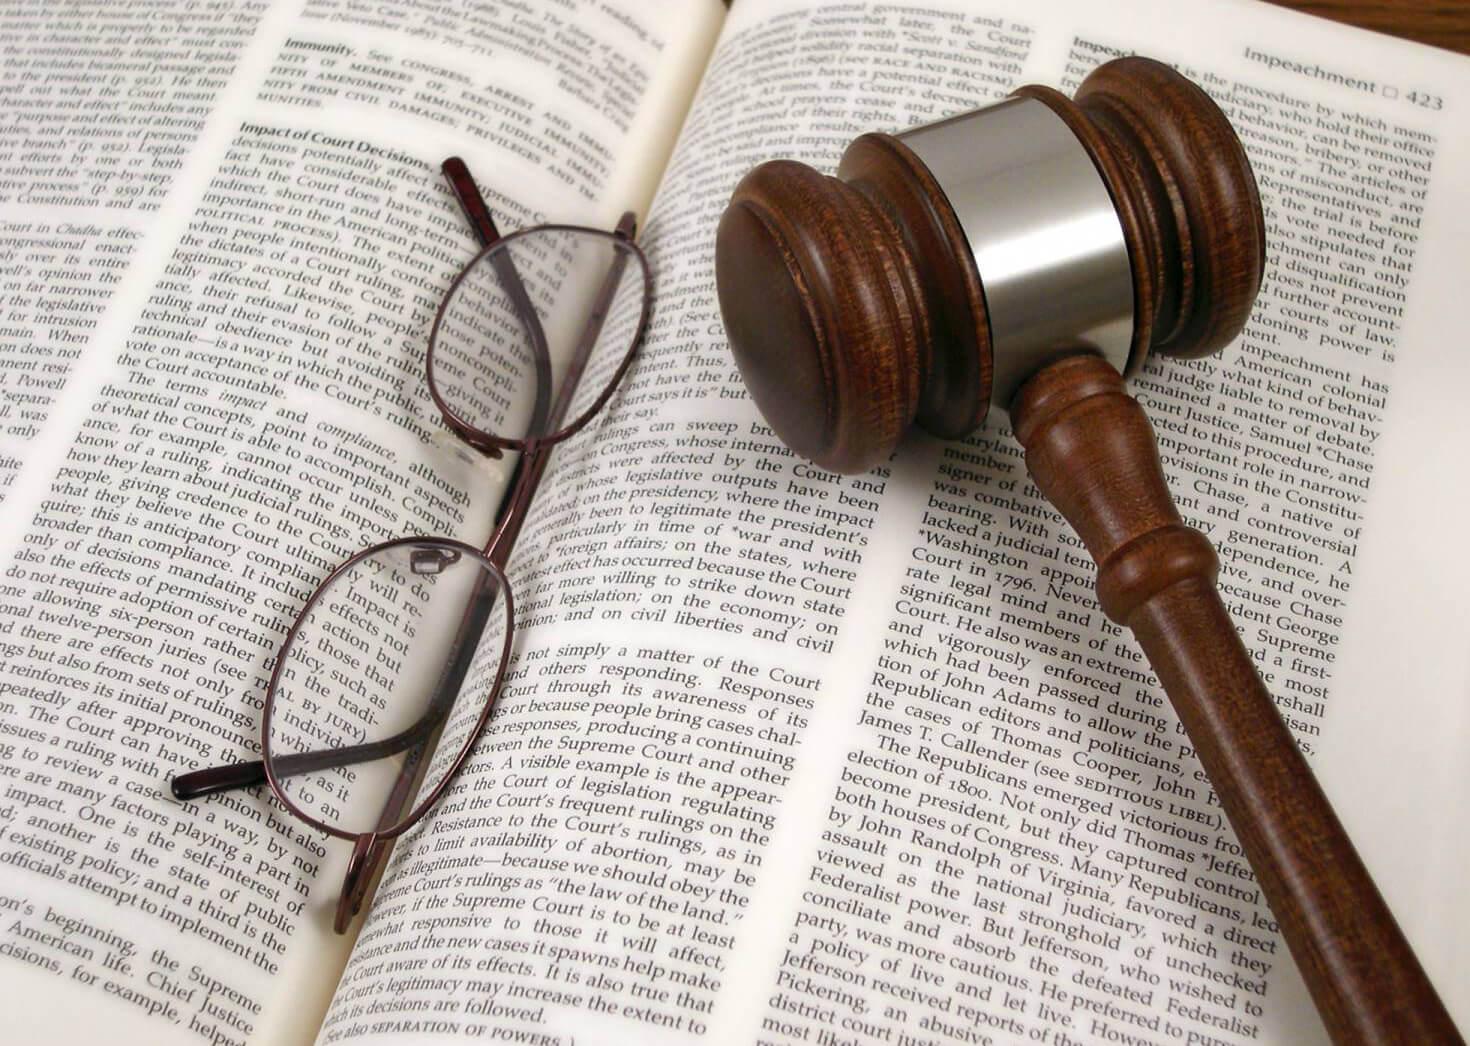 Презумпция невиновности в гражданском праве: принципы и обязанности